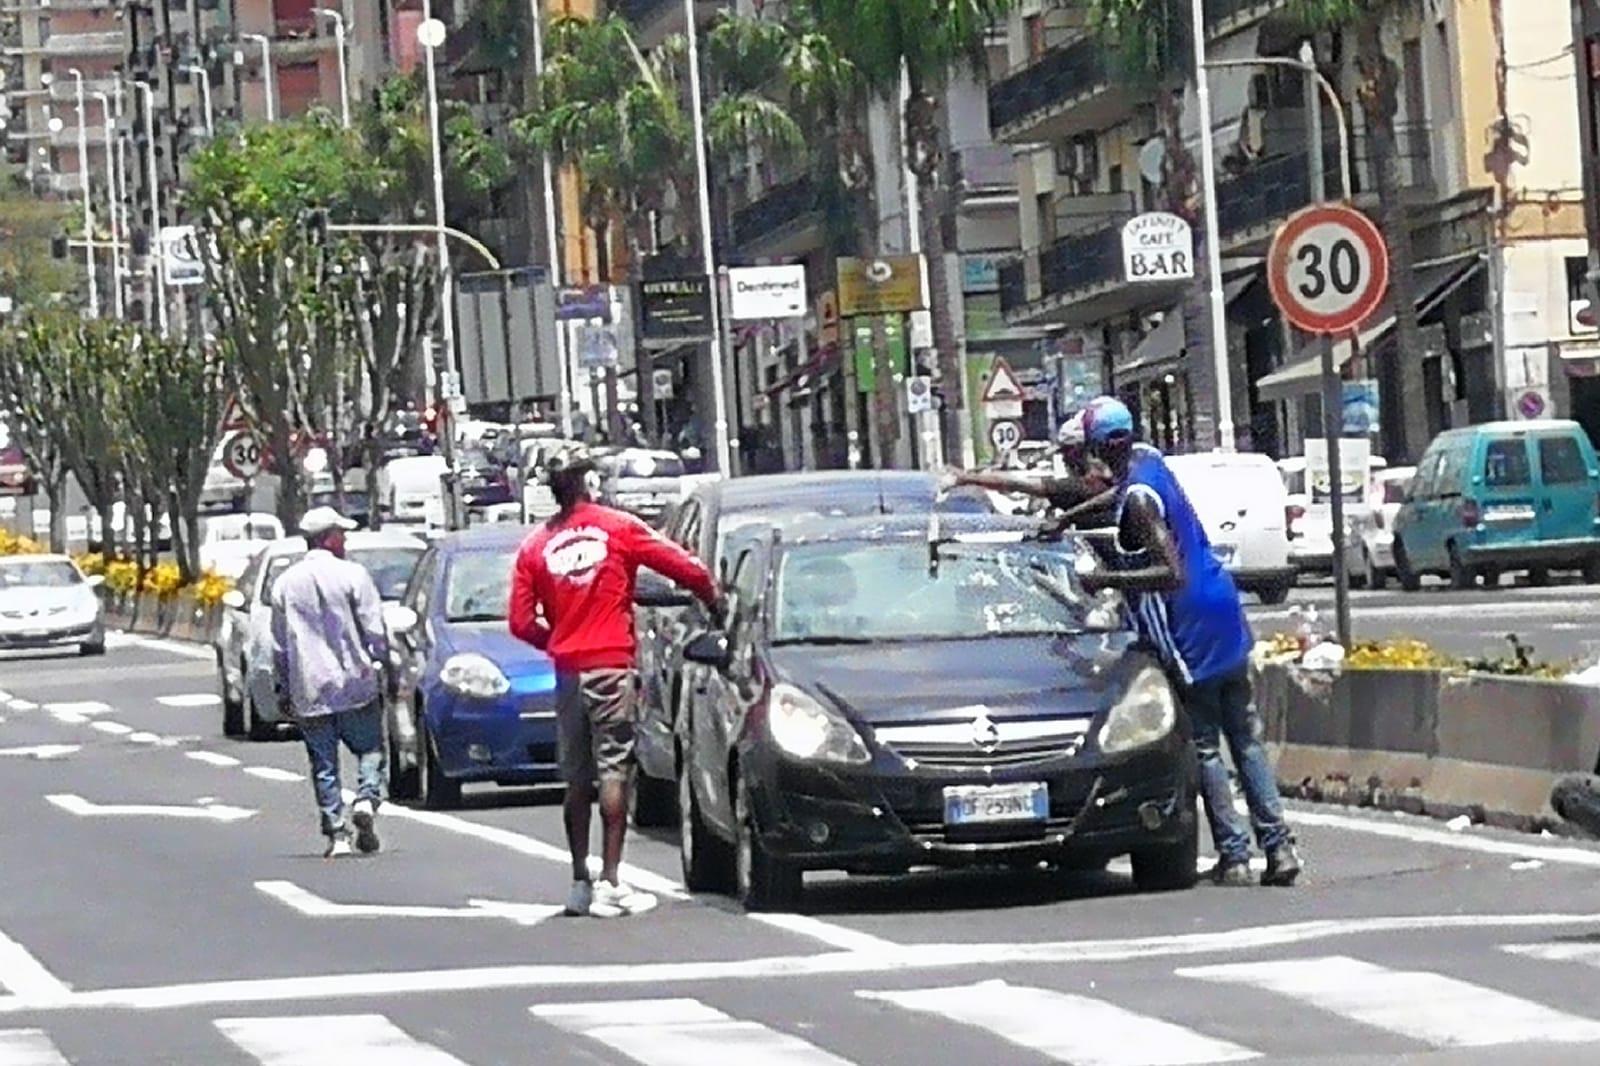 """Caso extracomunitari in via Vincenzo Giuffrida, Ferrara (III Municipio): """"Questi uomini meriterebbero un aiuto"""""""